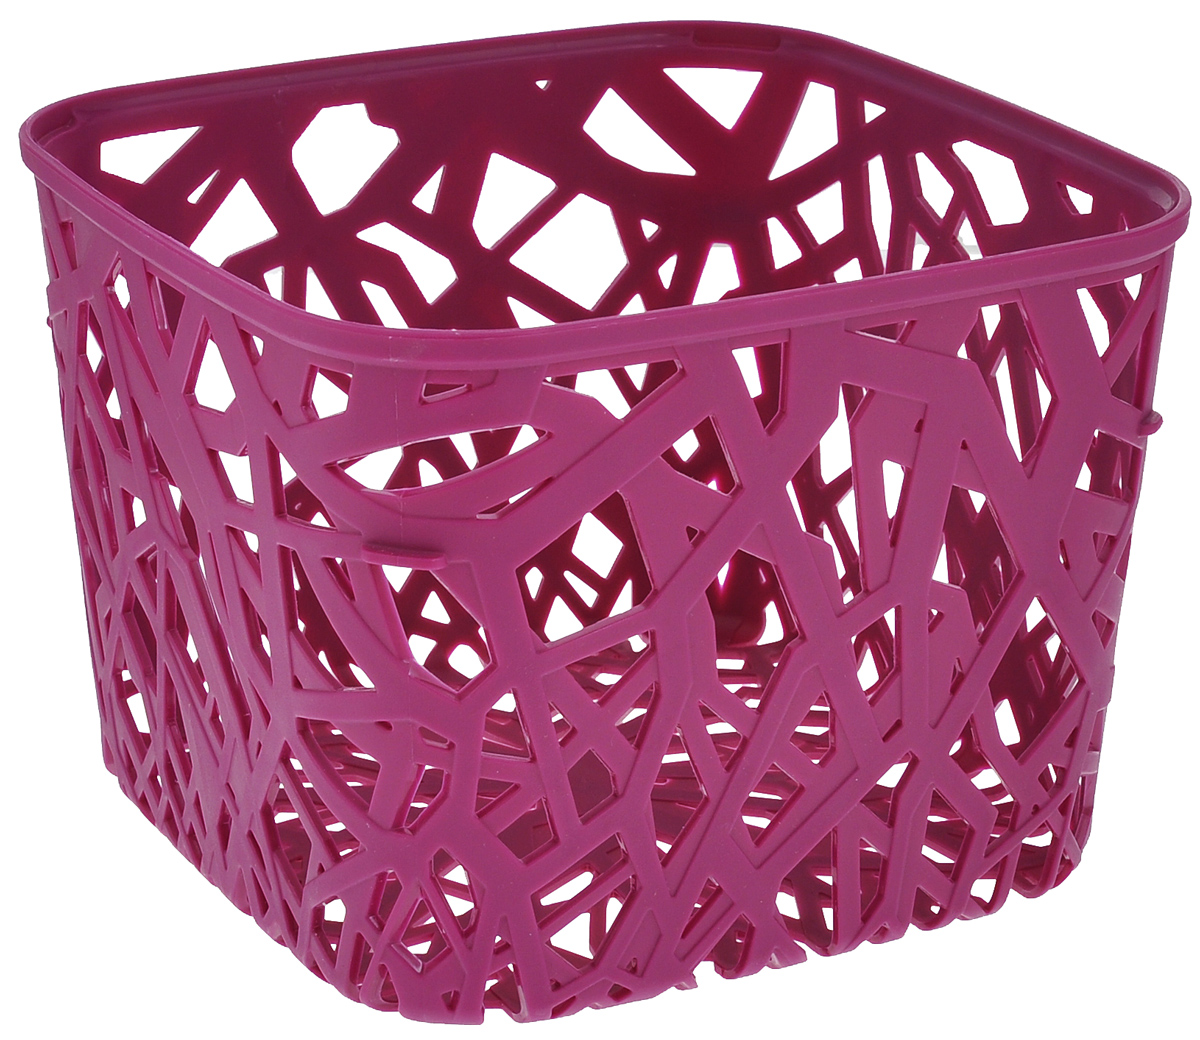 Корзинка Curver Ecolife, цвет: фиолетовый, 19,2 см х 19,2 см х 14,4 смTD 0033Квадратная корзинка Curver Ecolife изготовлена из высококачественного пластика. Предназначена для хранения различных предметов в ванной, на кухне, на даче или в гараже. Стенки корзины оформлены изящной перфорацией, обеспечивающей естественную вентиляцию.